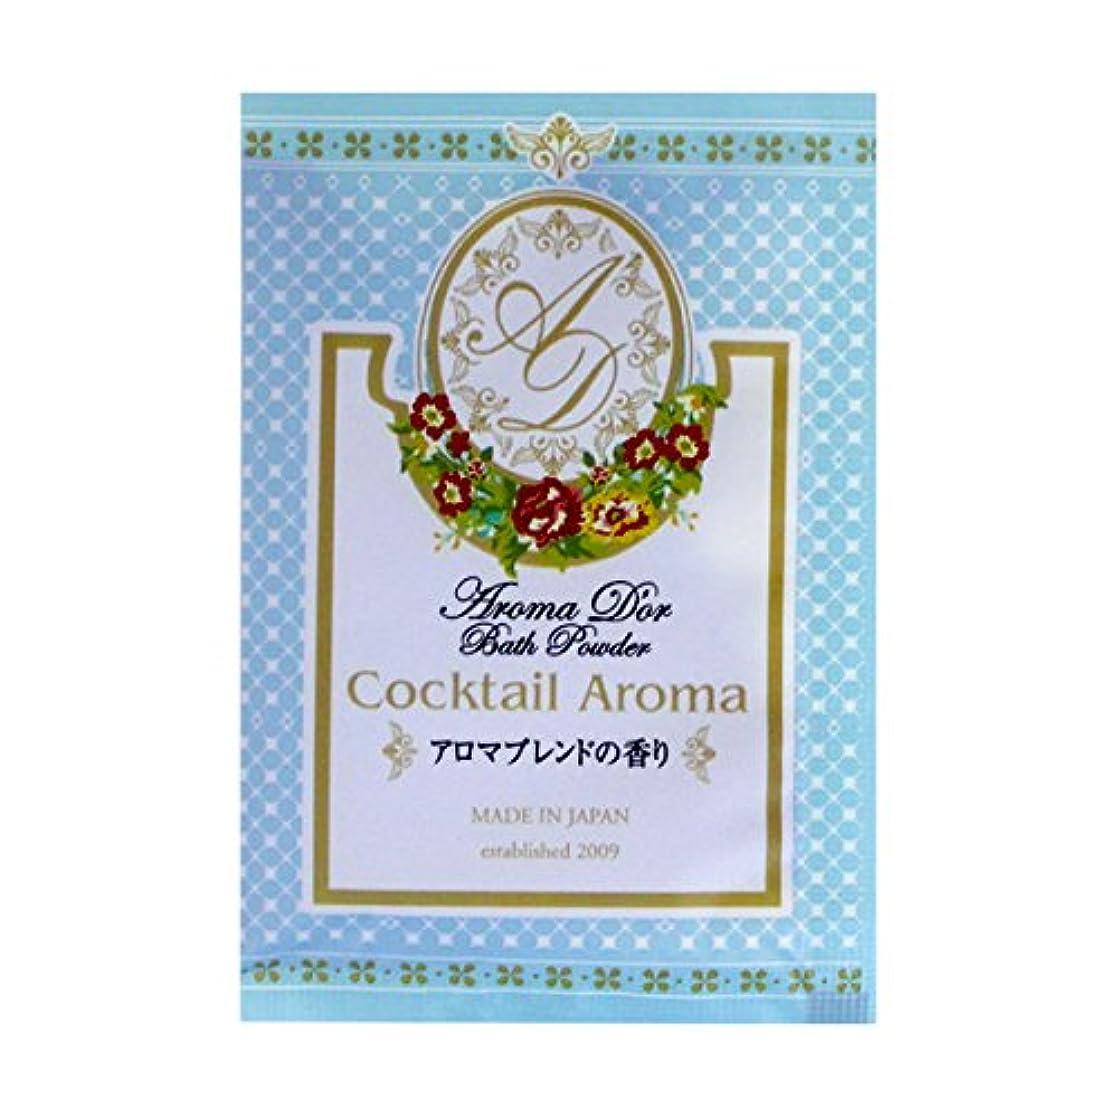 驚くべき統計的正規化入浴剤 アロマドールバスパウダー 「アロマブレンドの香り」30個